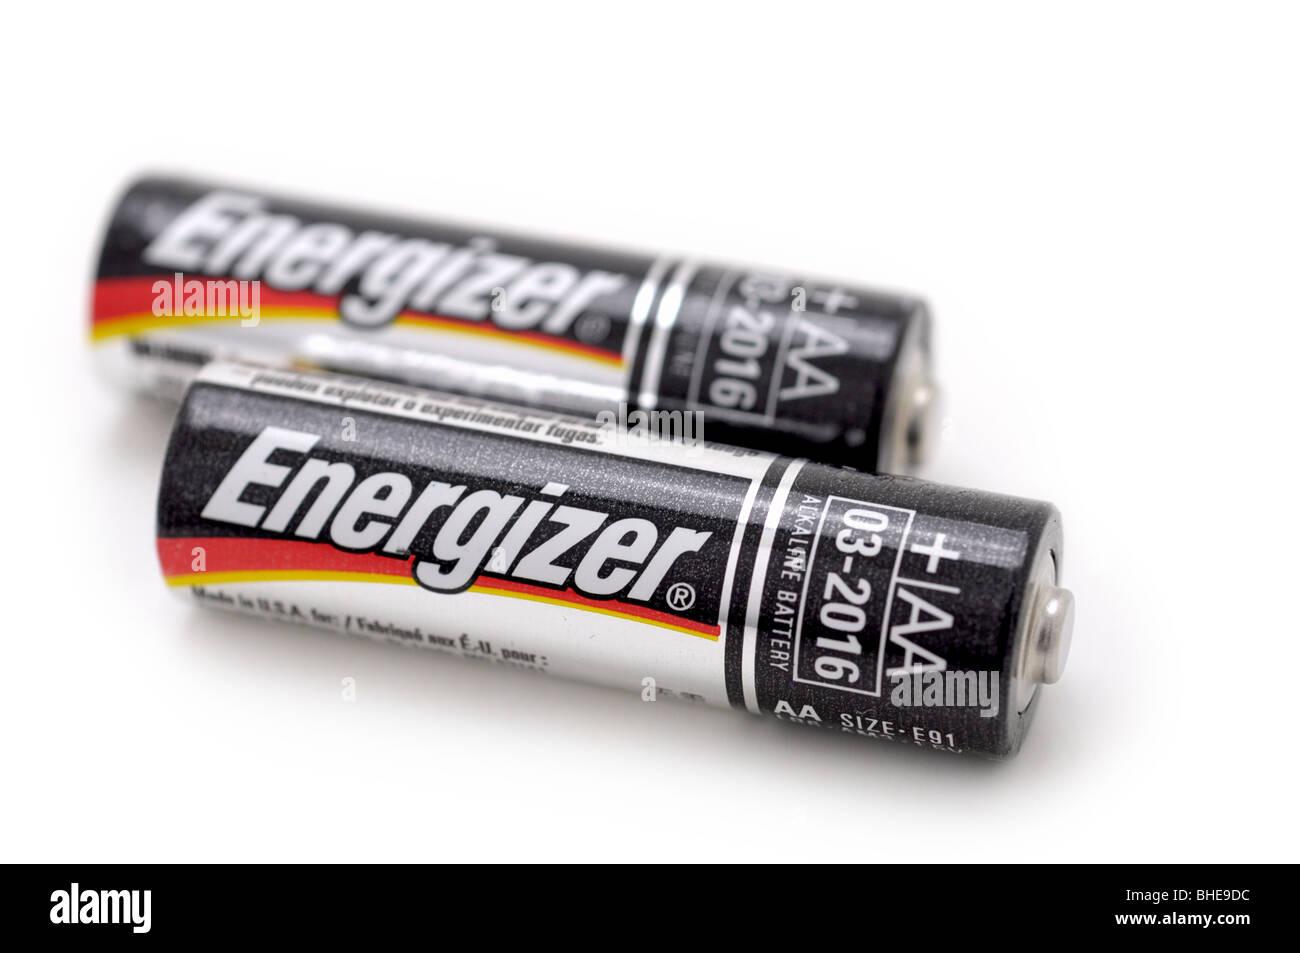 Alkaline AA Batteries - Stock Image